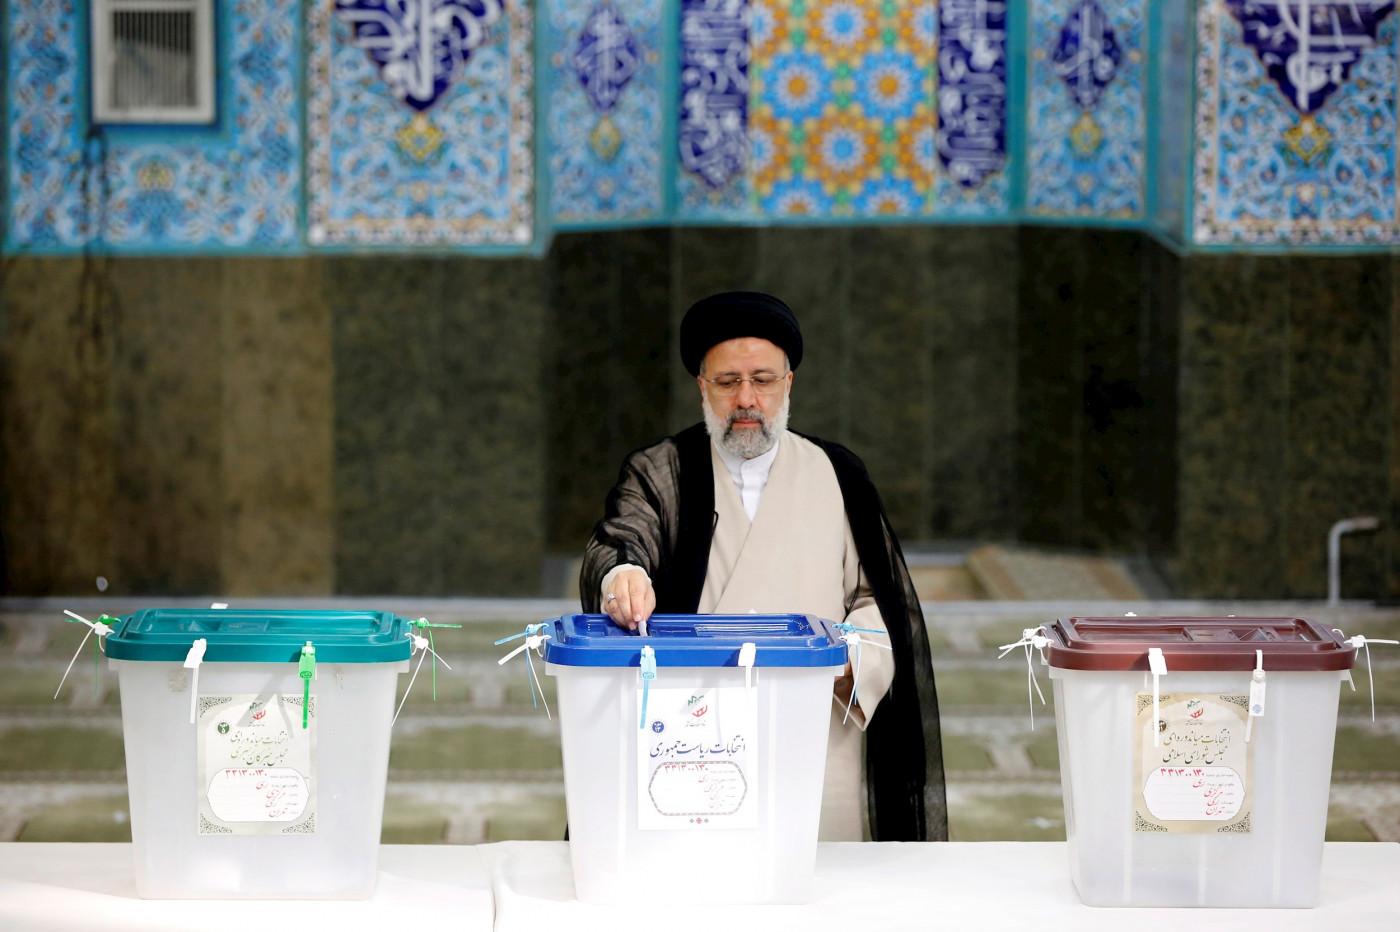 Candidato Ebrahim Raisi vota nas eleições do Irã